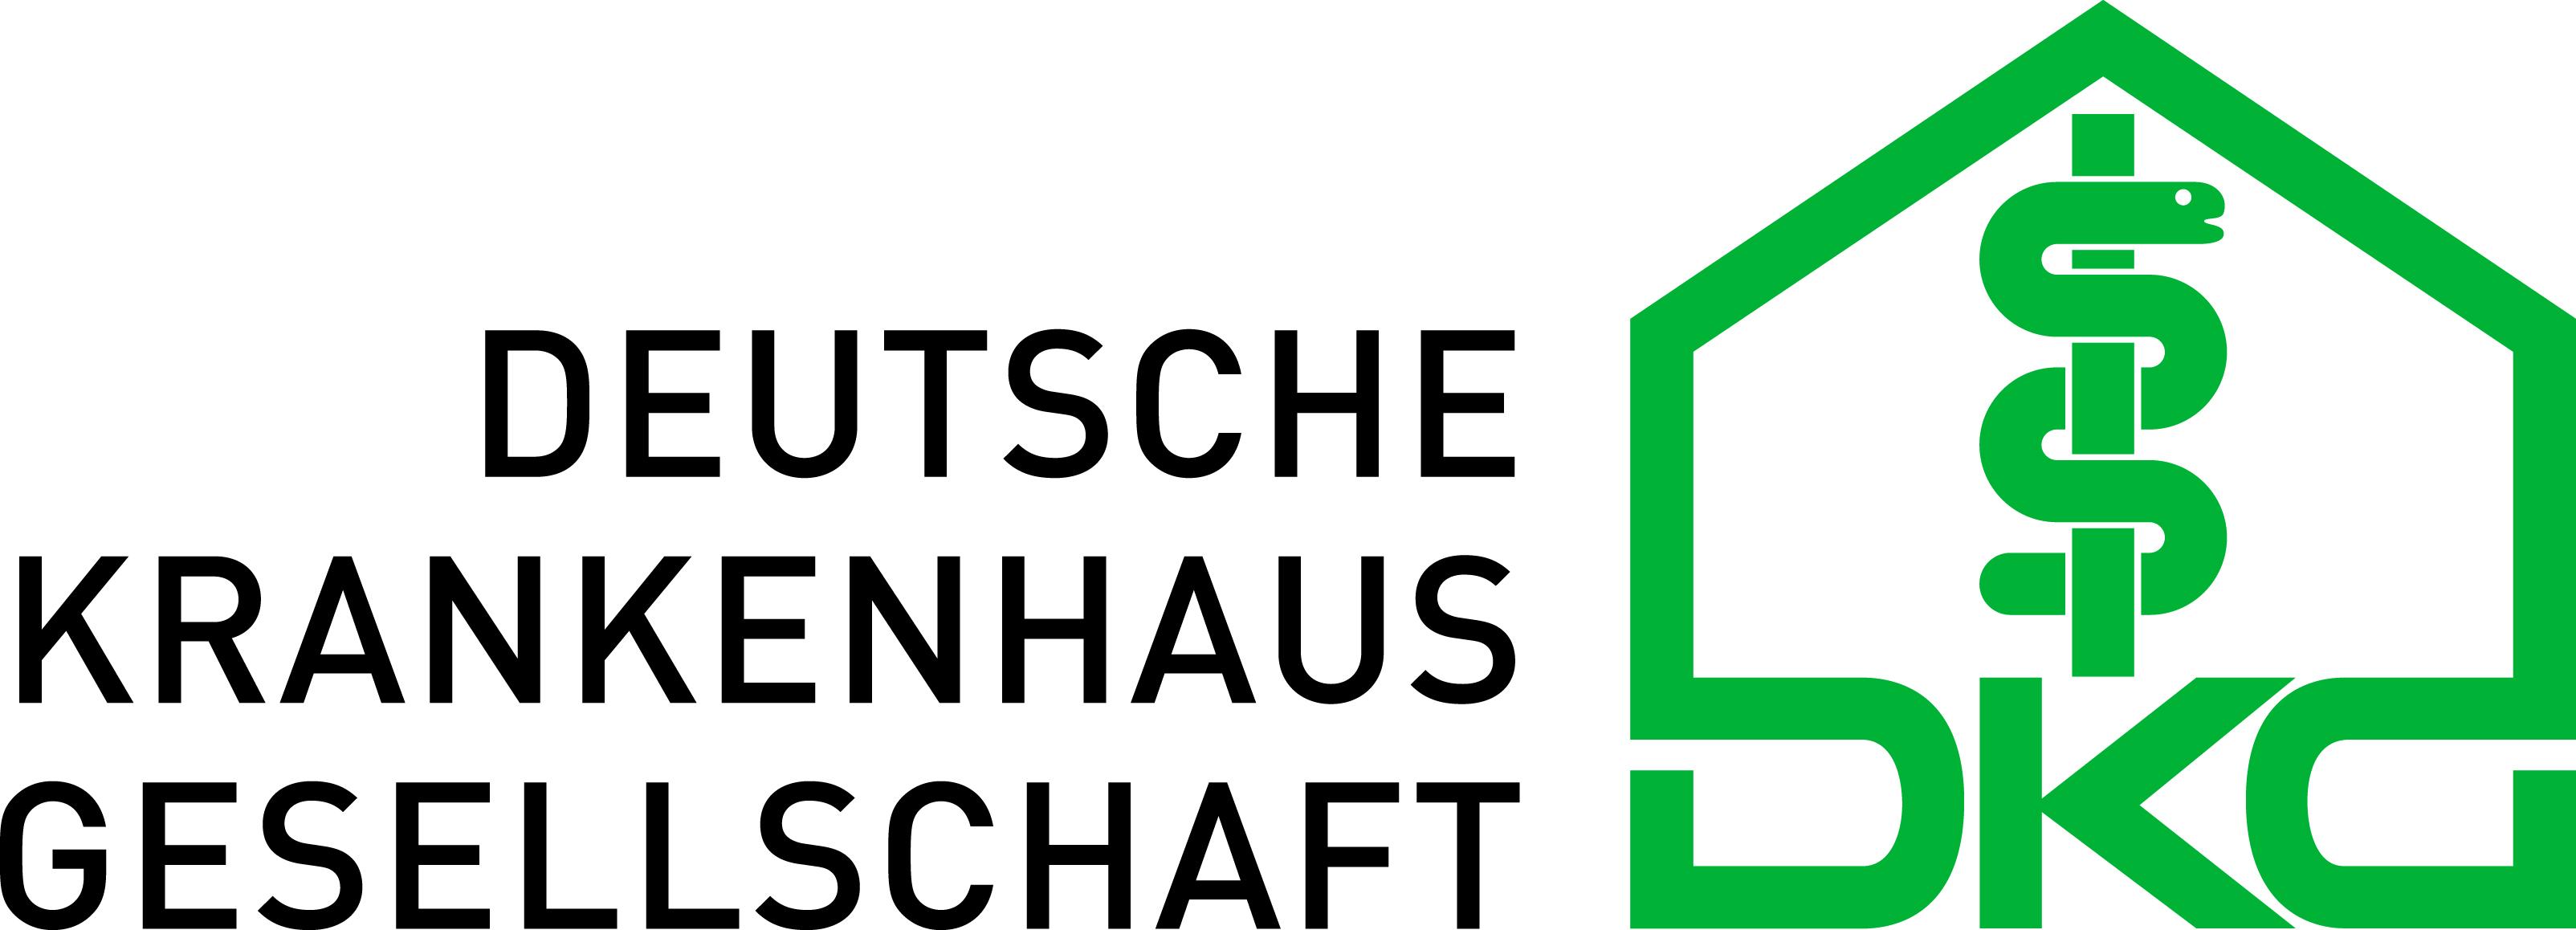 Deutsche Krankenhausgesellschaft (DKG)